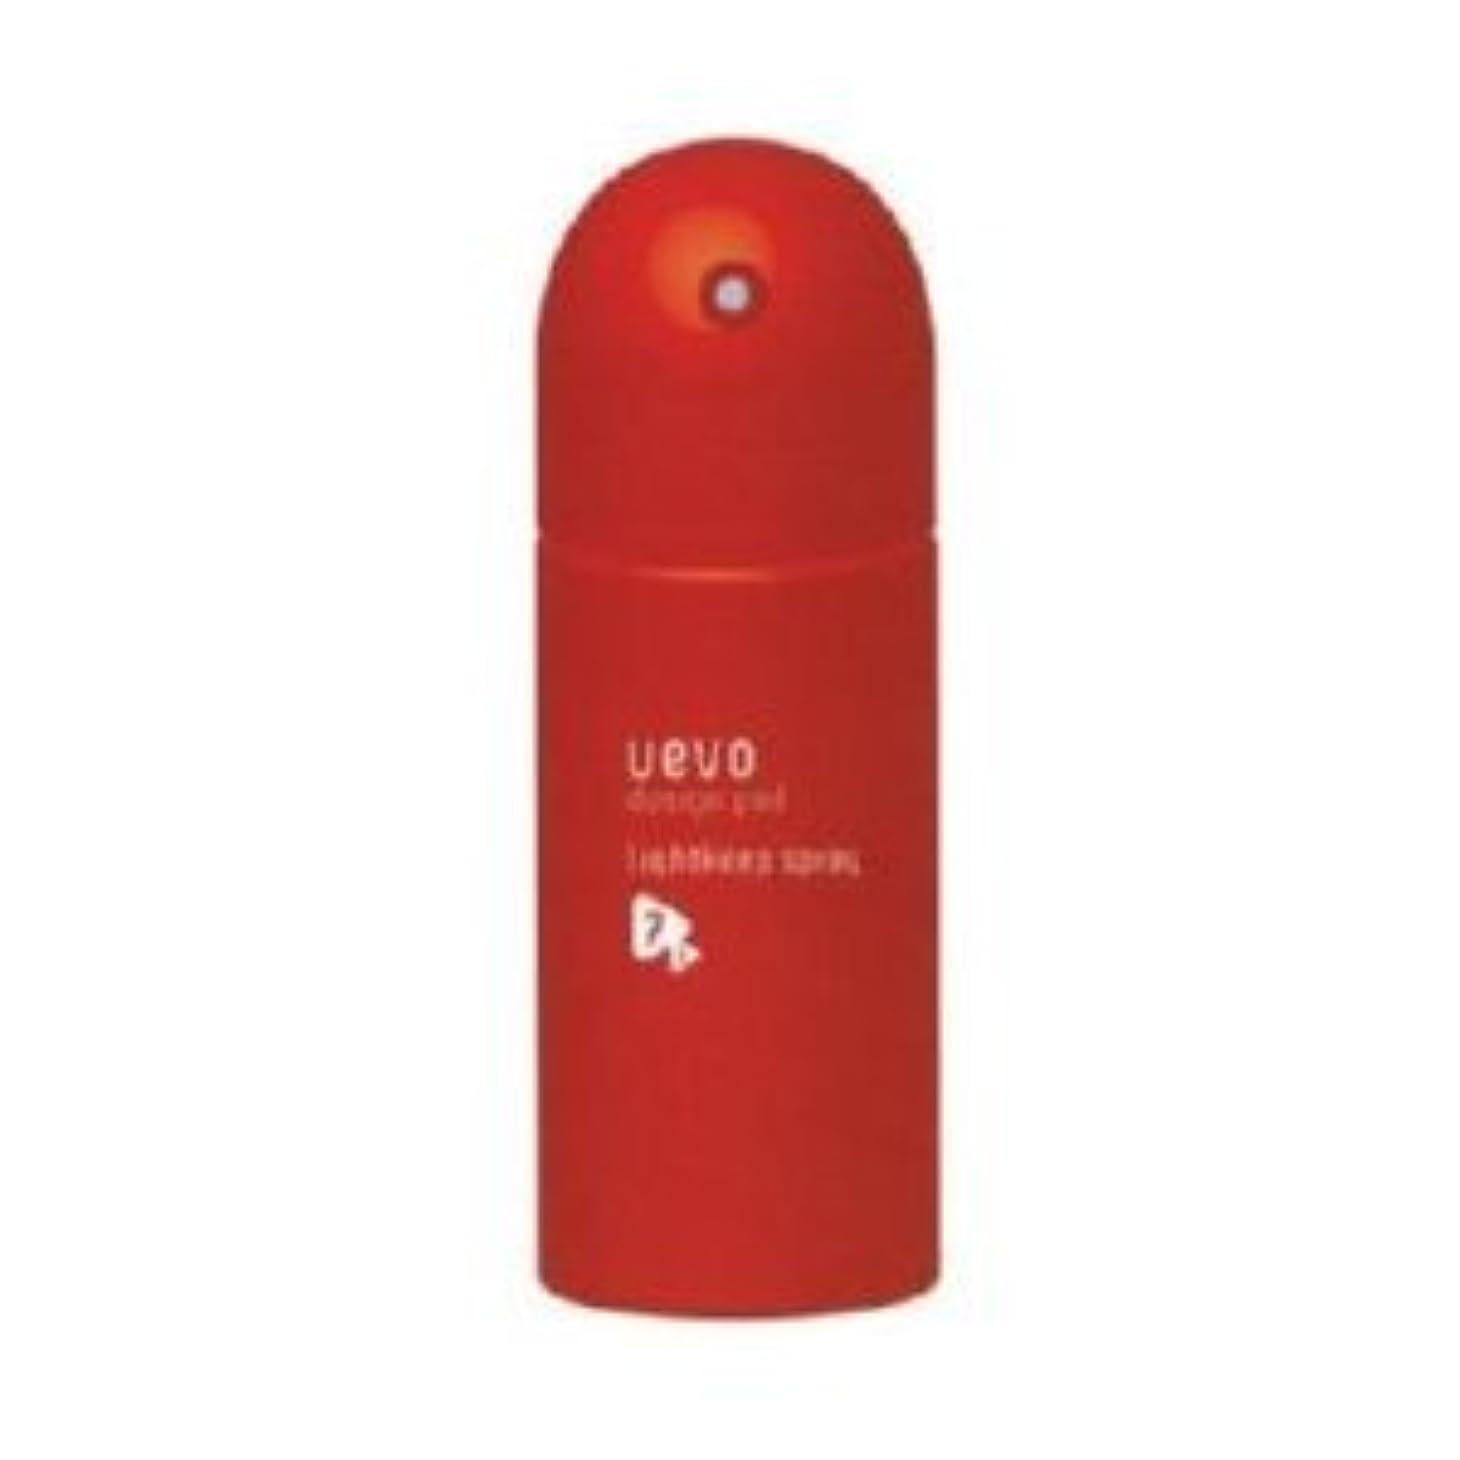 ムス故障中着陸【X2個セット】 デミ ウェーボ デザインポッド ライトキープスプレー 220ml lightkeep spray DEMI uevo design pod